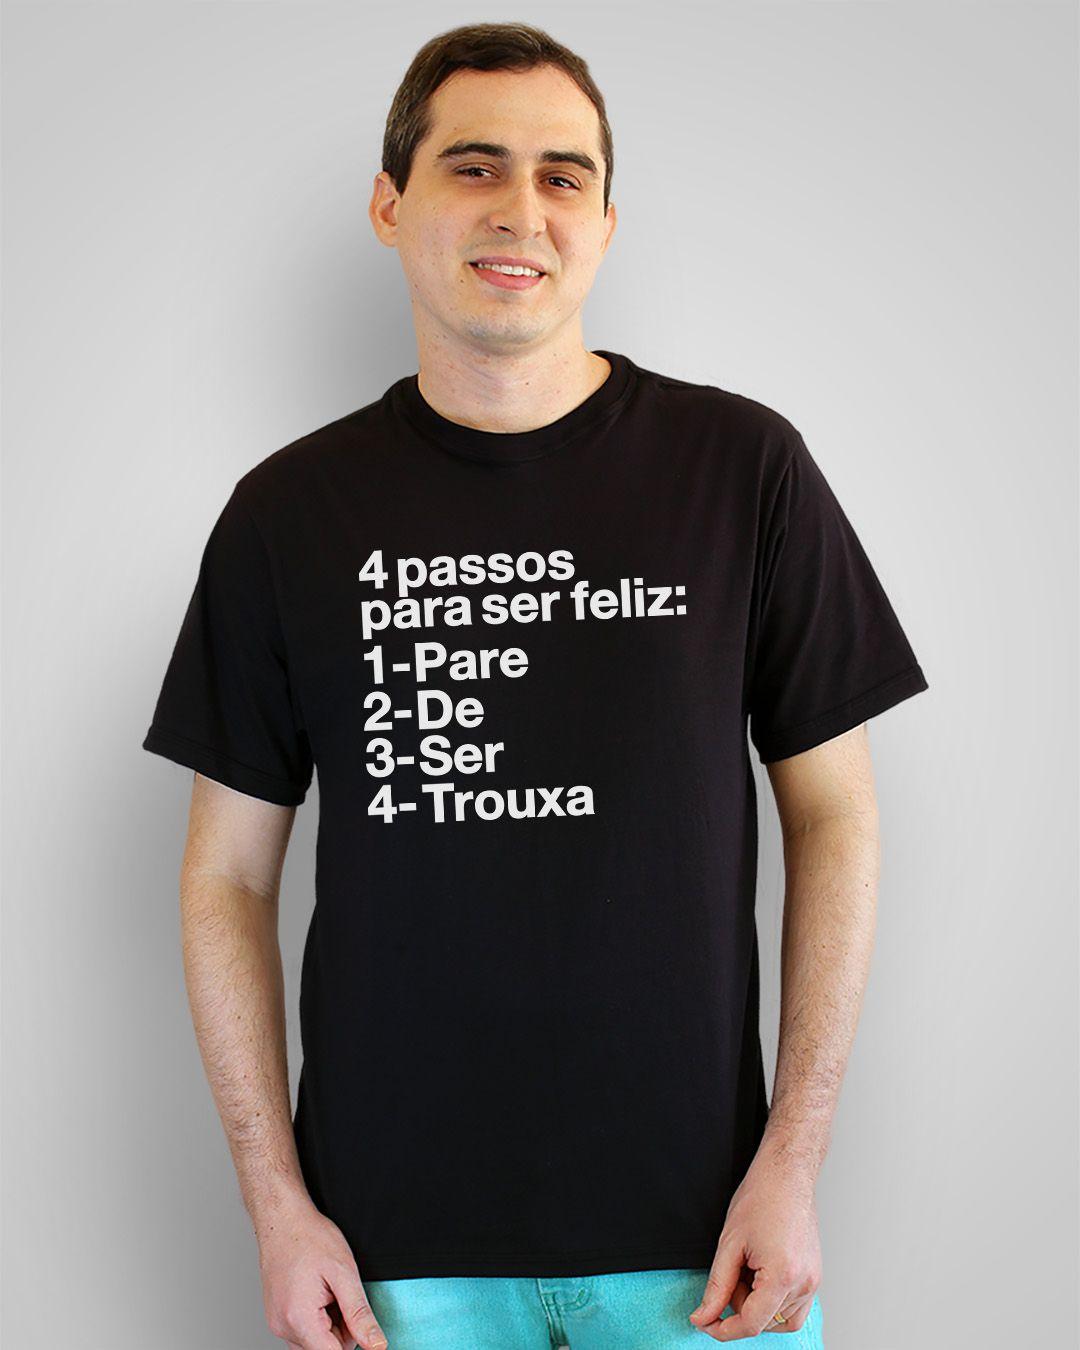 Camiseta 4 passos para ser feliz: 1- Pare 2- De 3- Ser 4- Trouxa